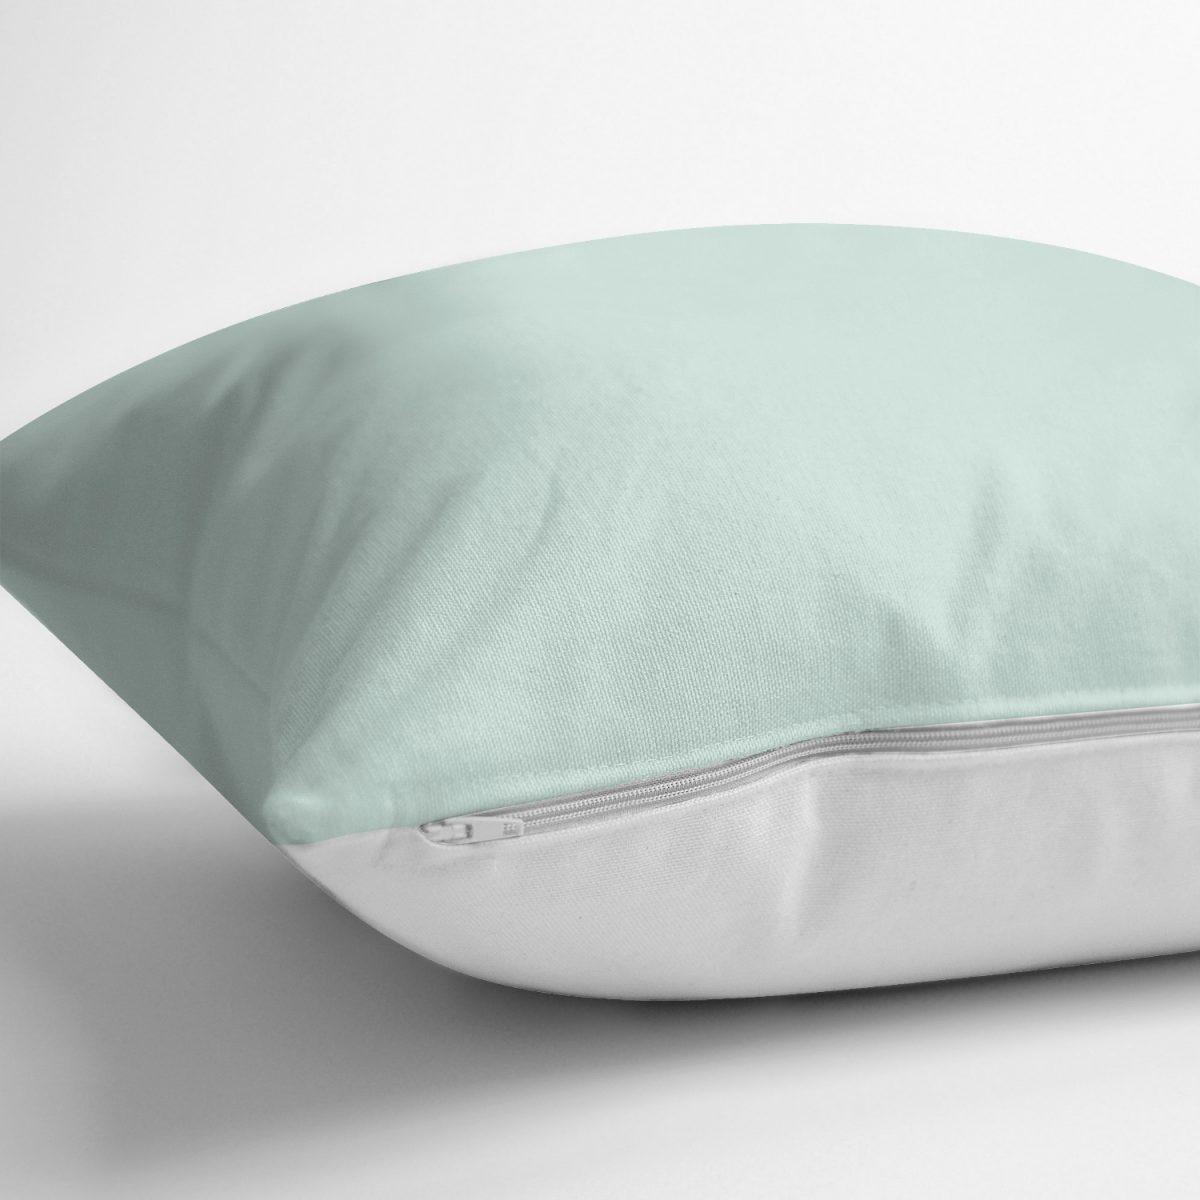 Mint Yeşili Renkl Dijital Baskılı Dekoratif Yastık Kırlent Kılıfı Realhomes